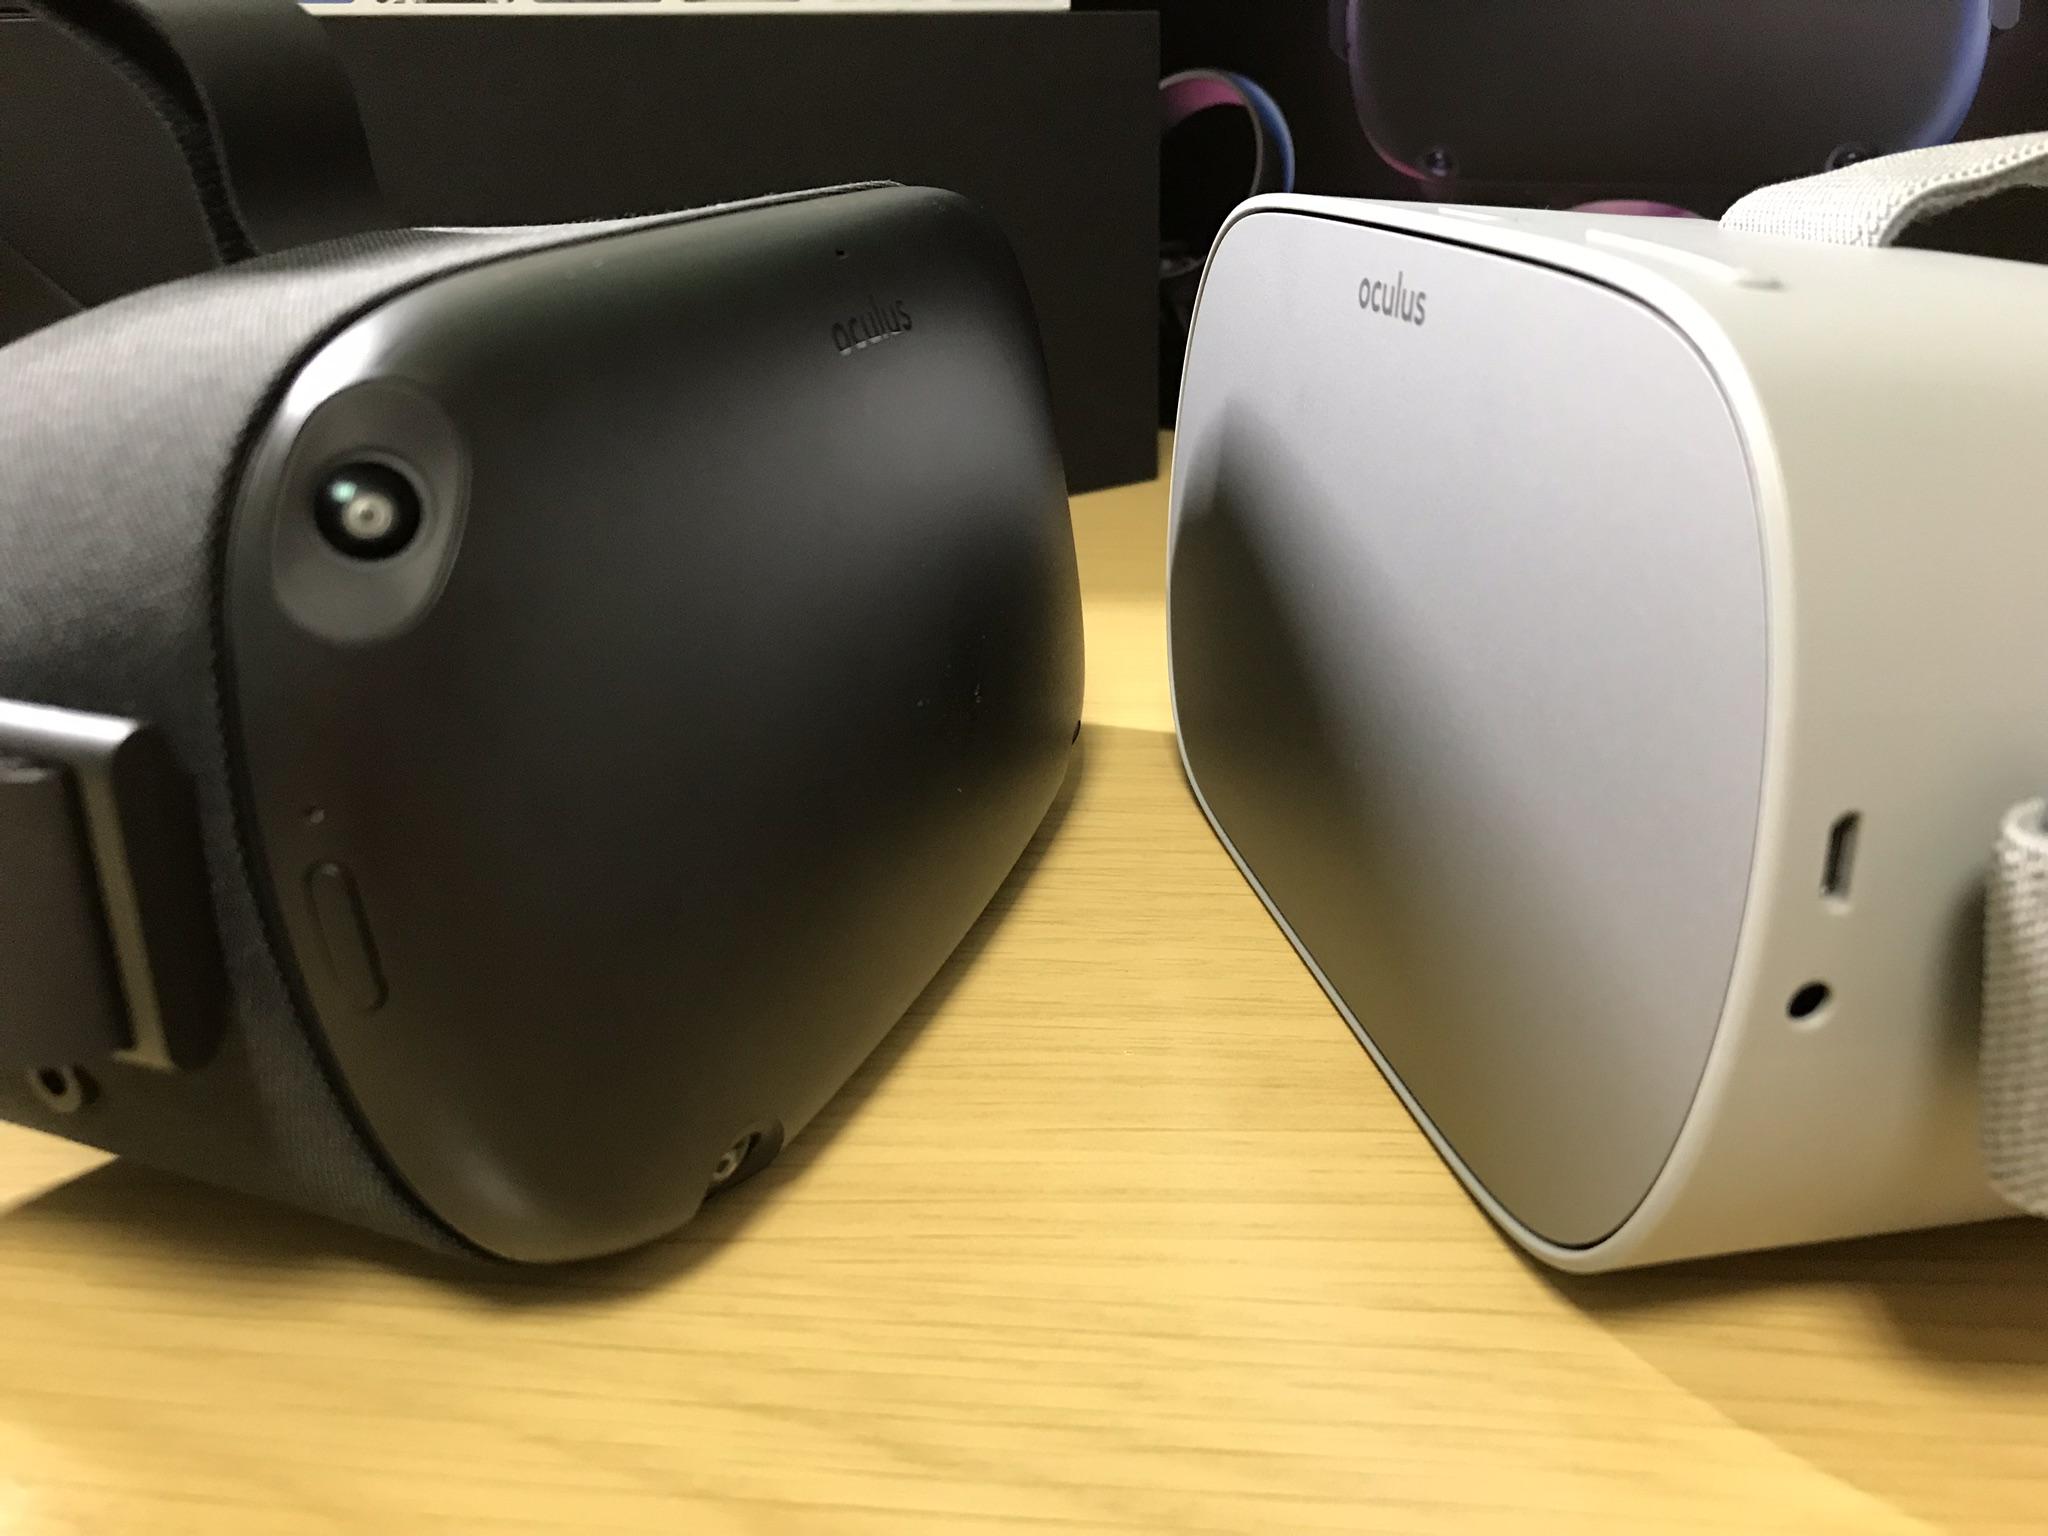 どっち買うのがおすすめ? Oculus Quest/Go違い比較ーPC接続不要VR-HMD